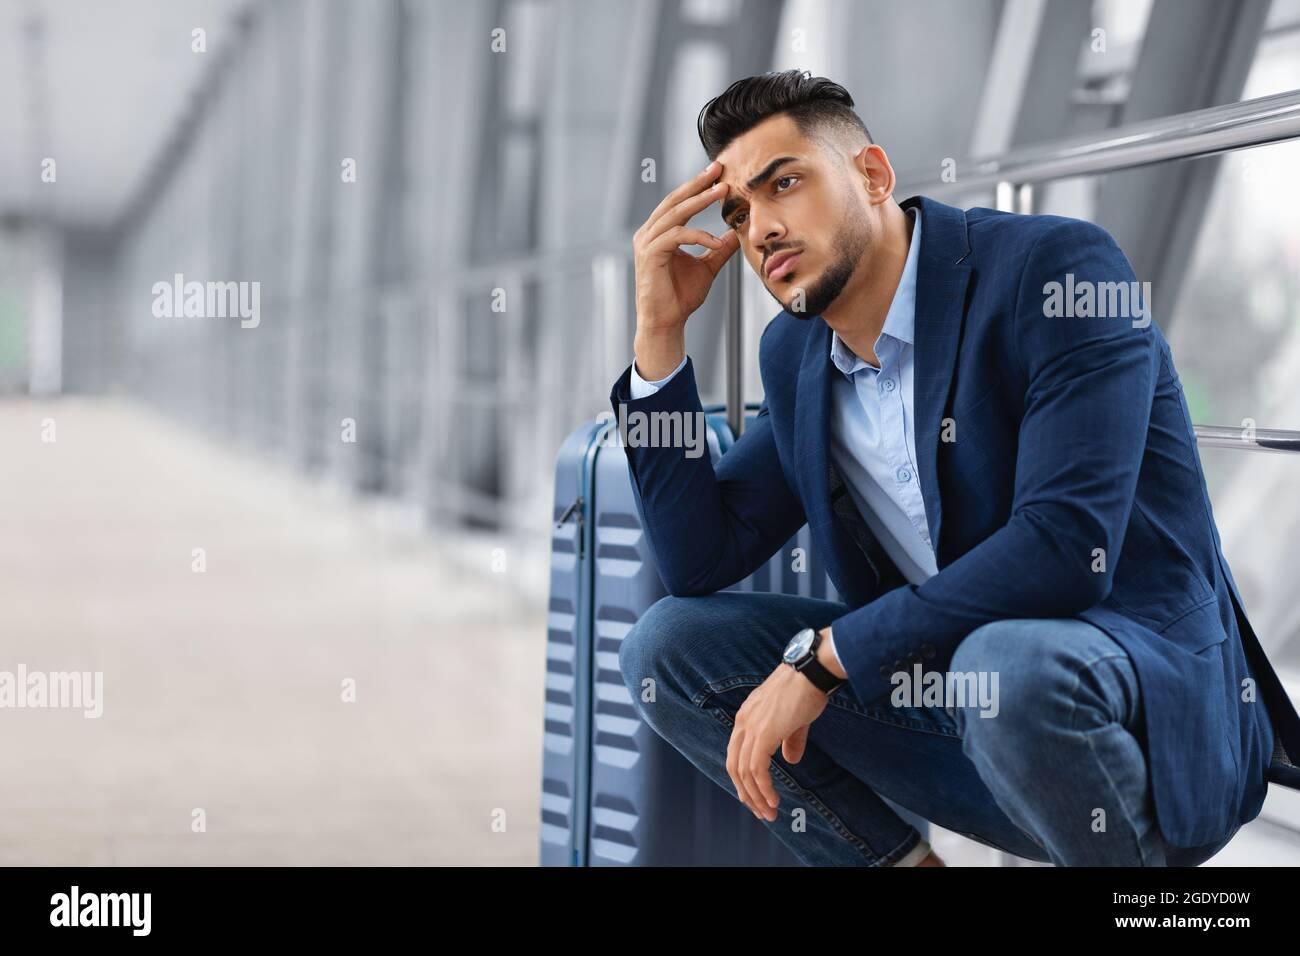 Retard de vol. Un homme arabe pensif attend avec ses bagages dans le terminal de l'aéroport Banque D'Images